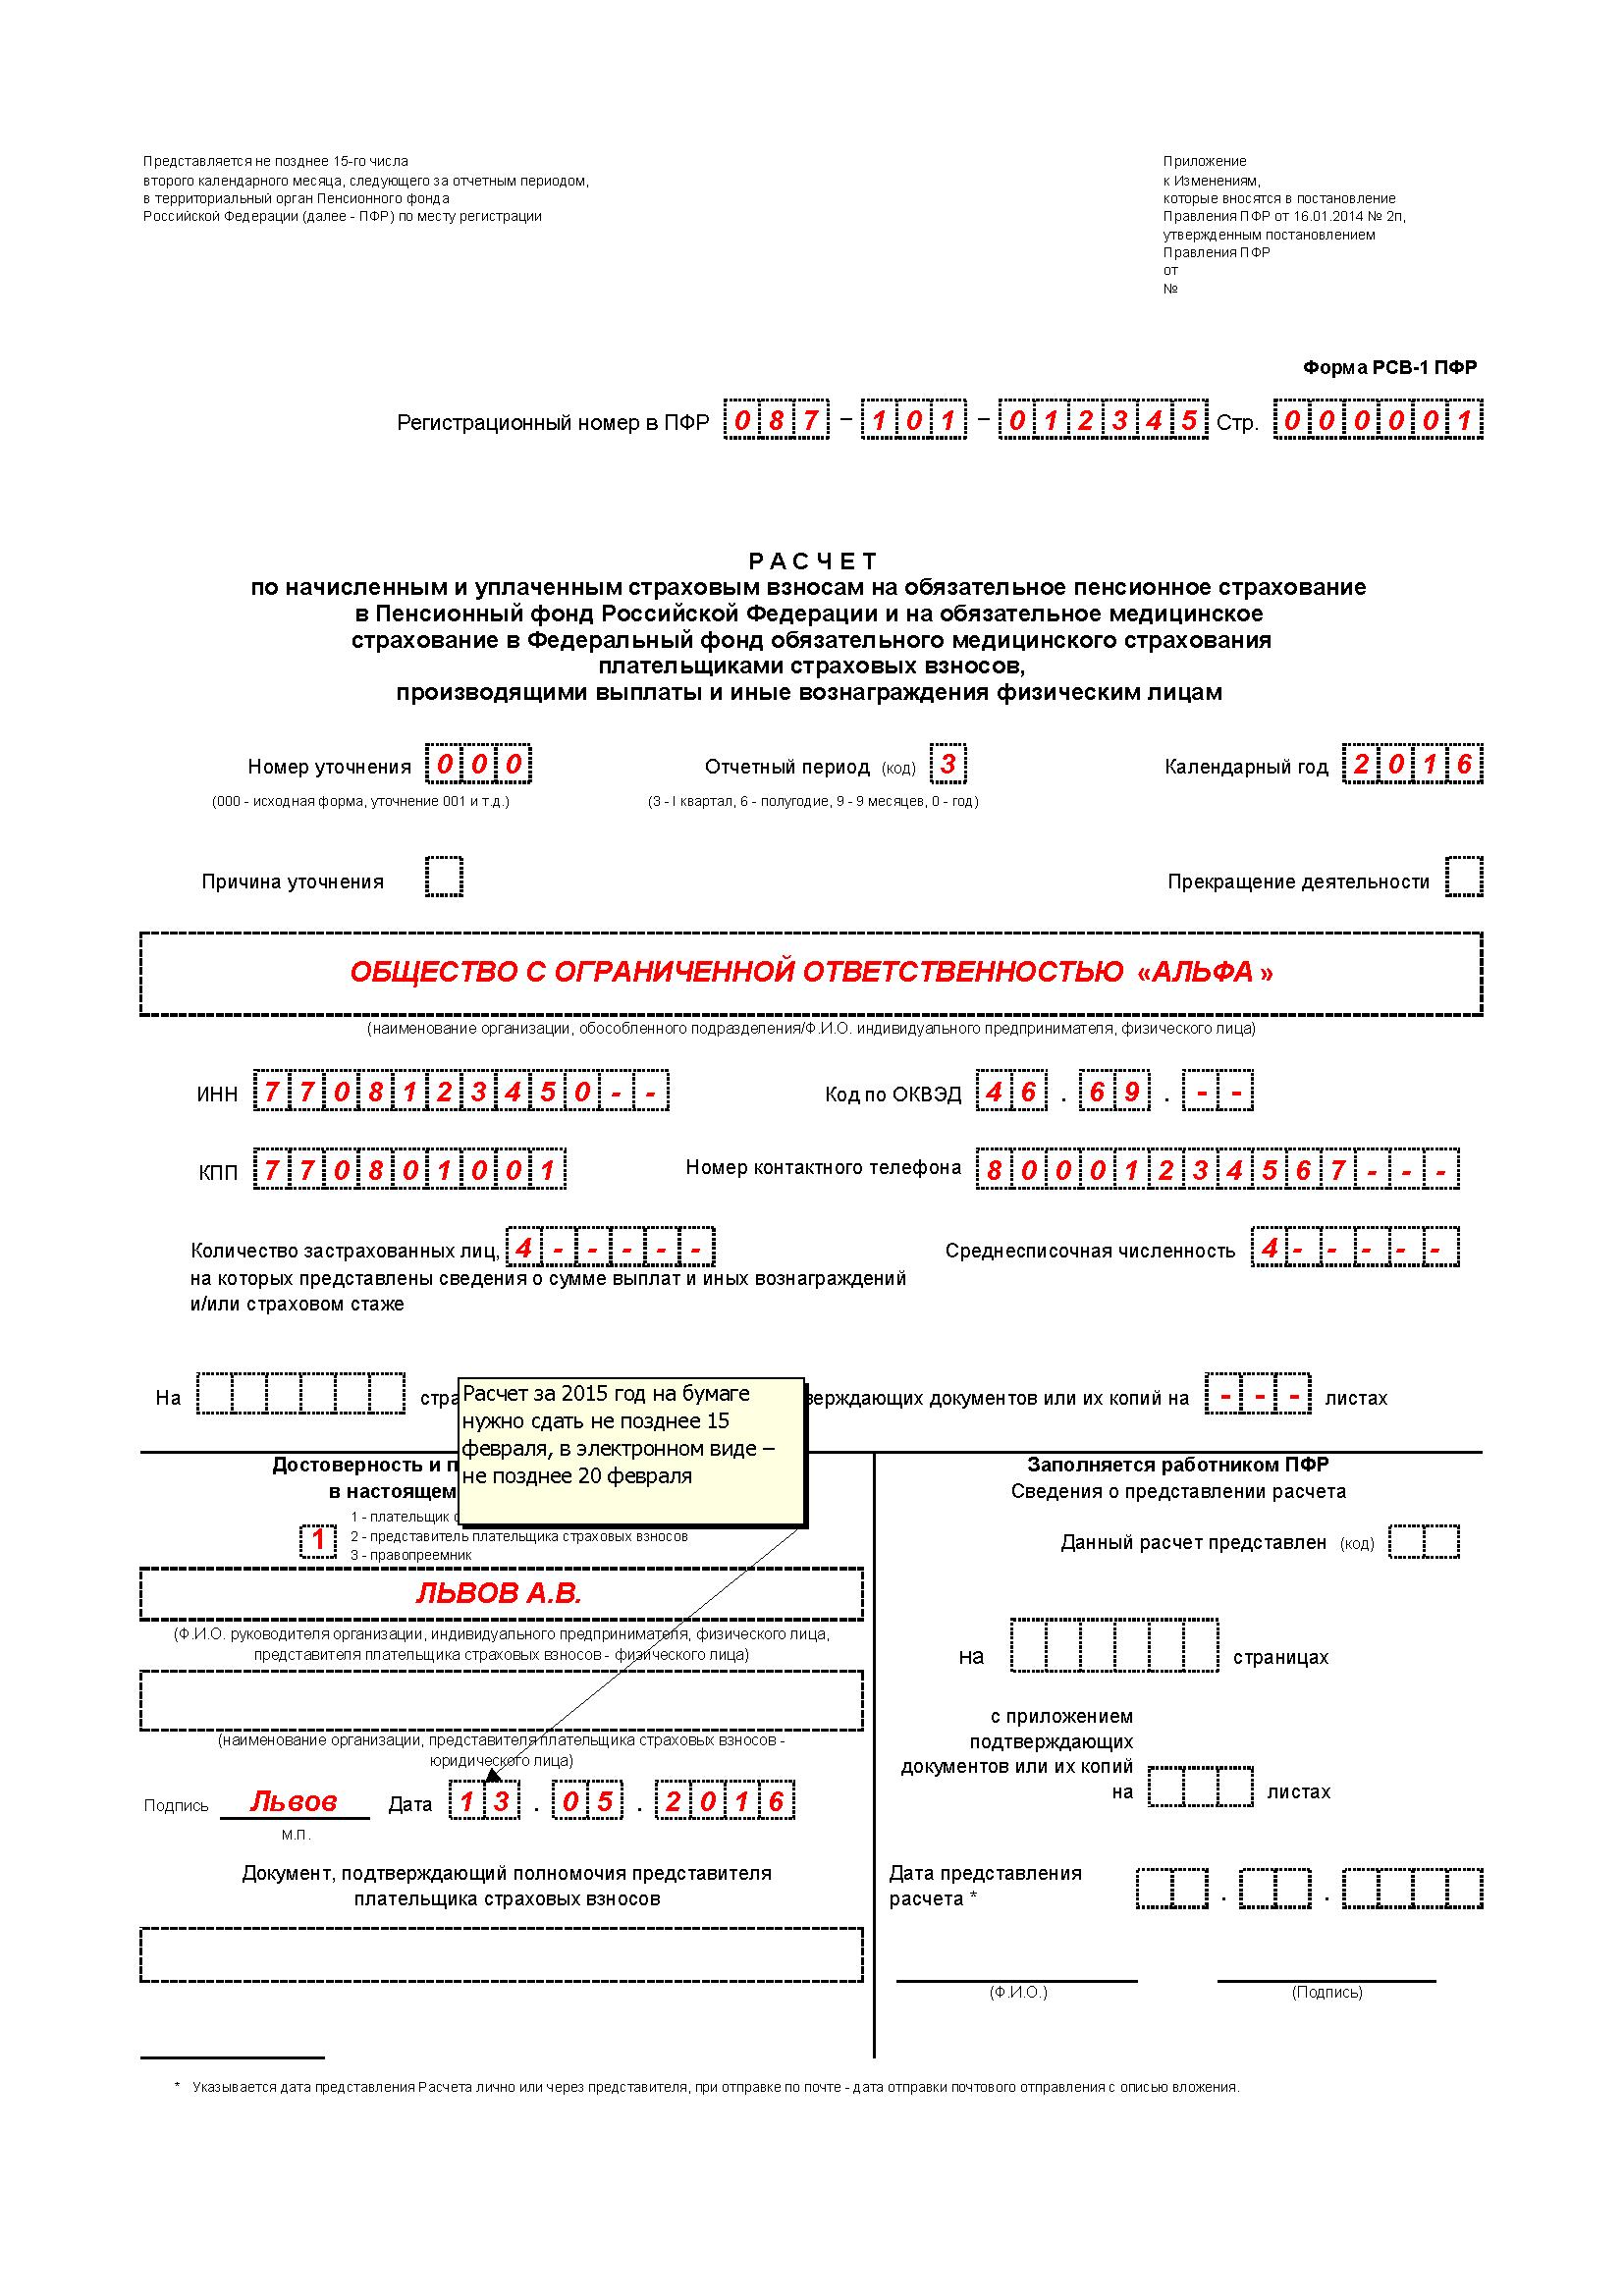 как заполнять бланк меню